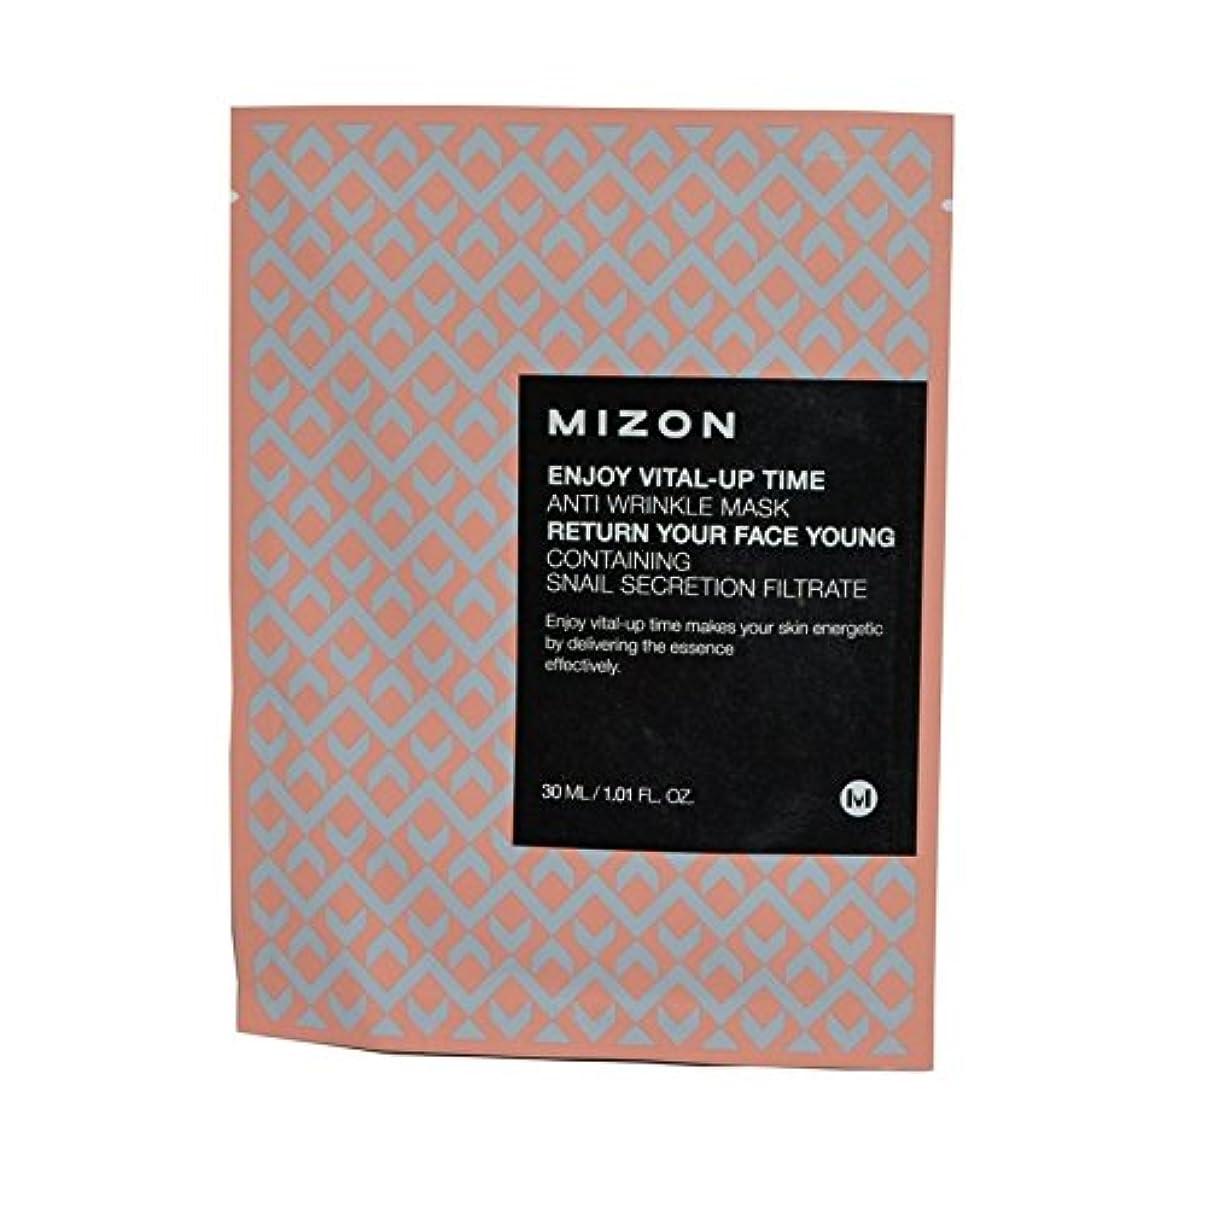 排泄物写真の韓国Mizon Enjoy Vital Up Time Anti-Wrinkle Mask (Pack of 6) - が不可欠アップ時間抗しわマスクを楽しみます x6 [並行輸入品]